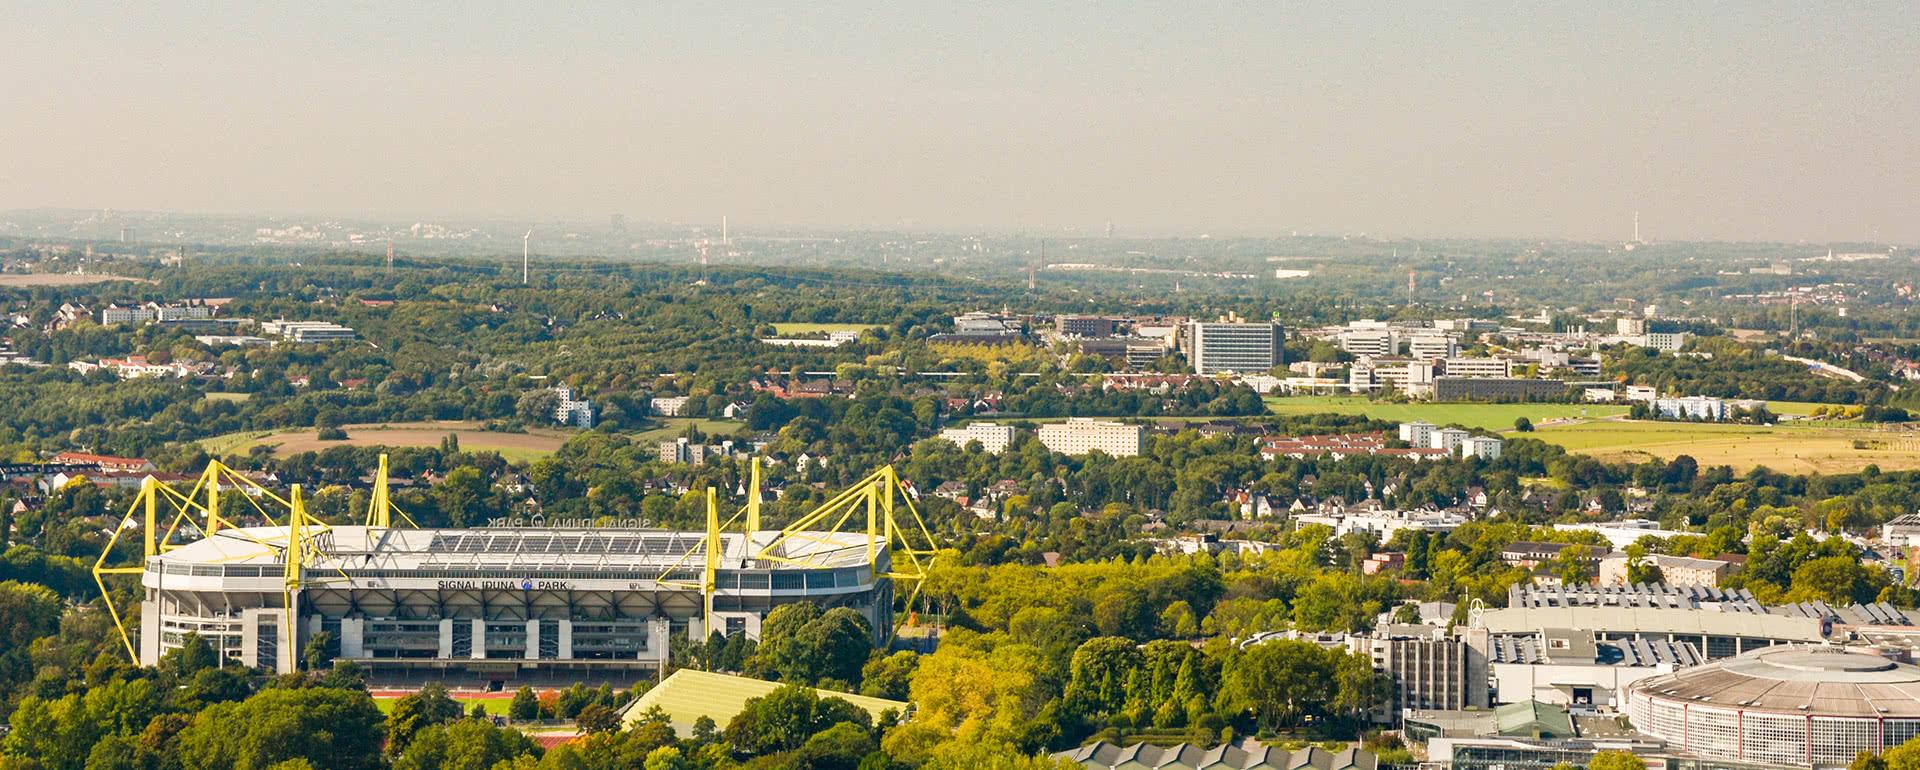 Titelbild von Dortmund